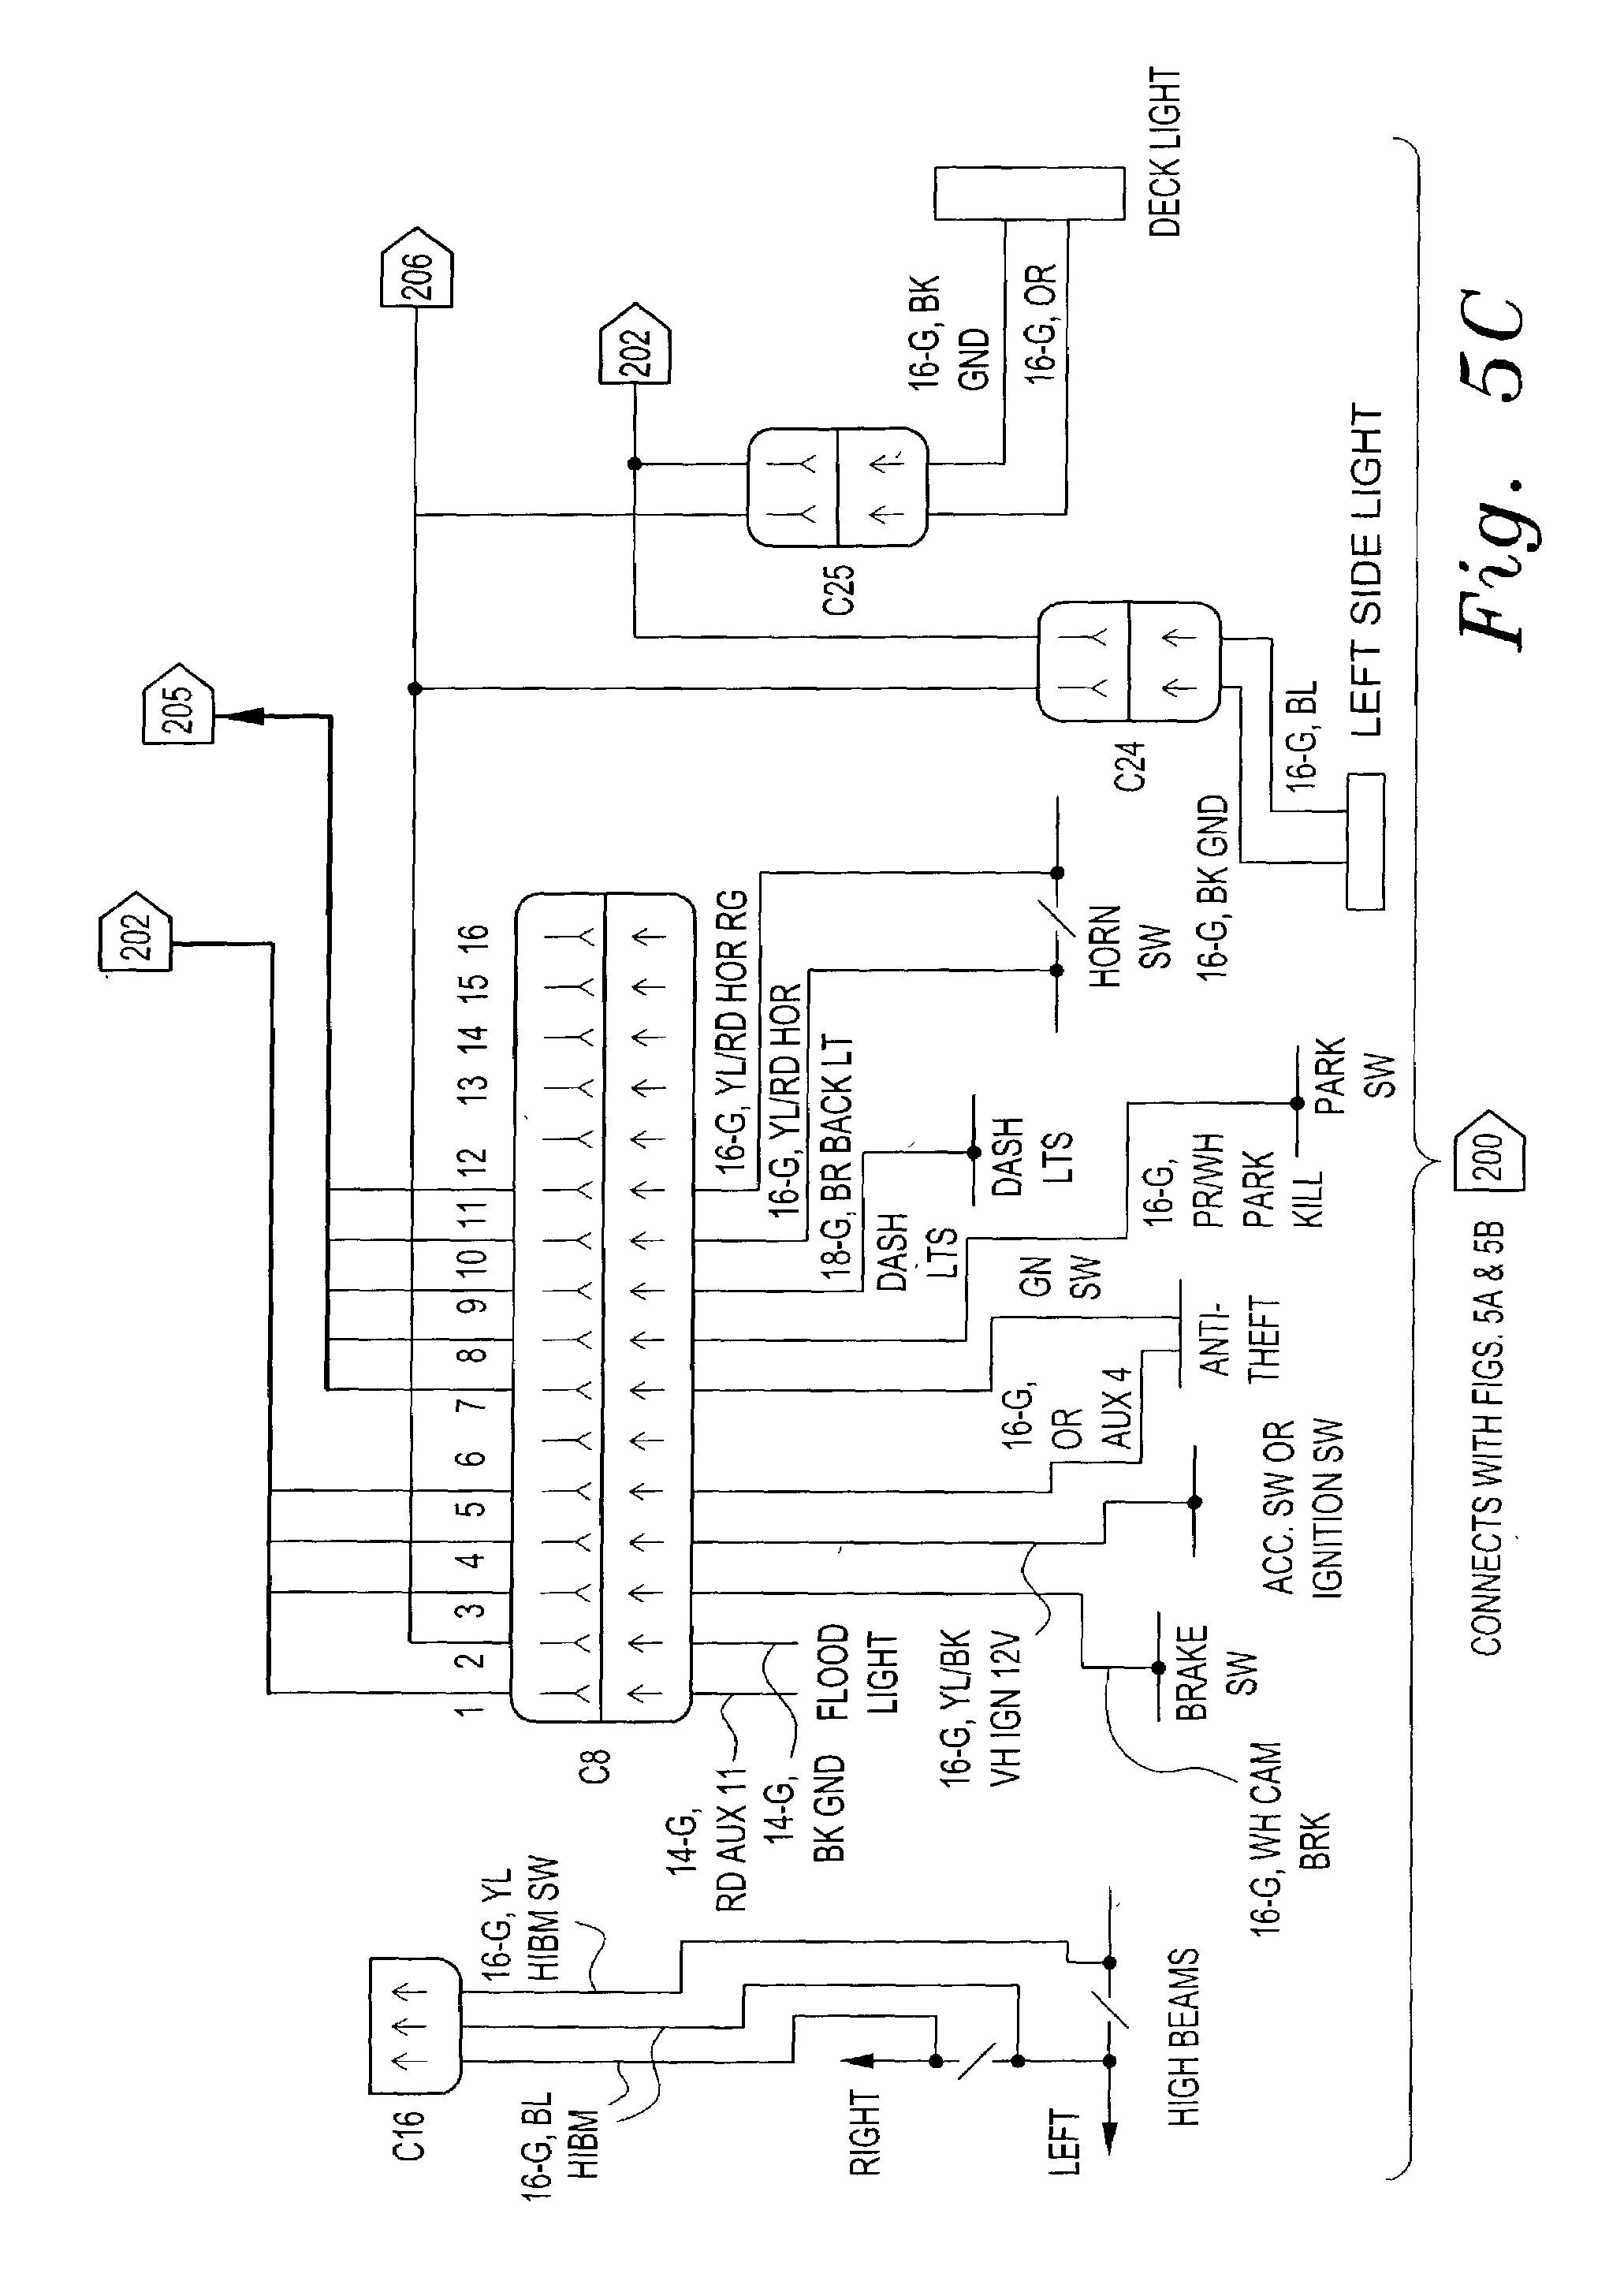 Led 200 Lights Wiring Diagram Library Light Strip Guide For Whelen Edge 9000 Inspirationa Katherinemarie